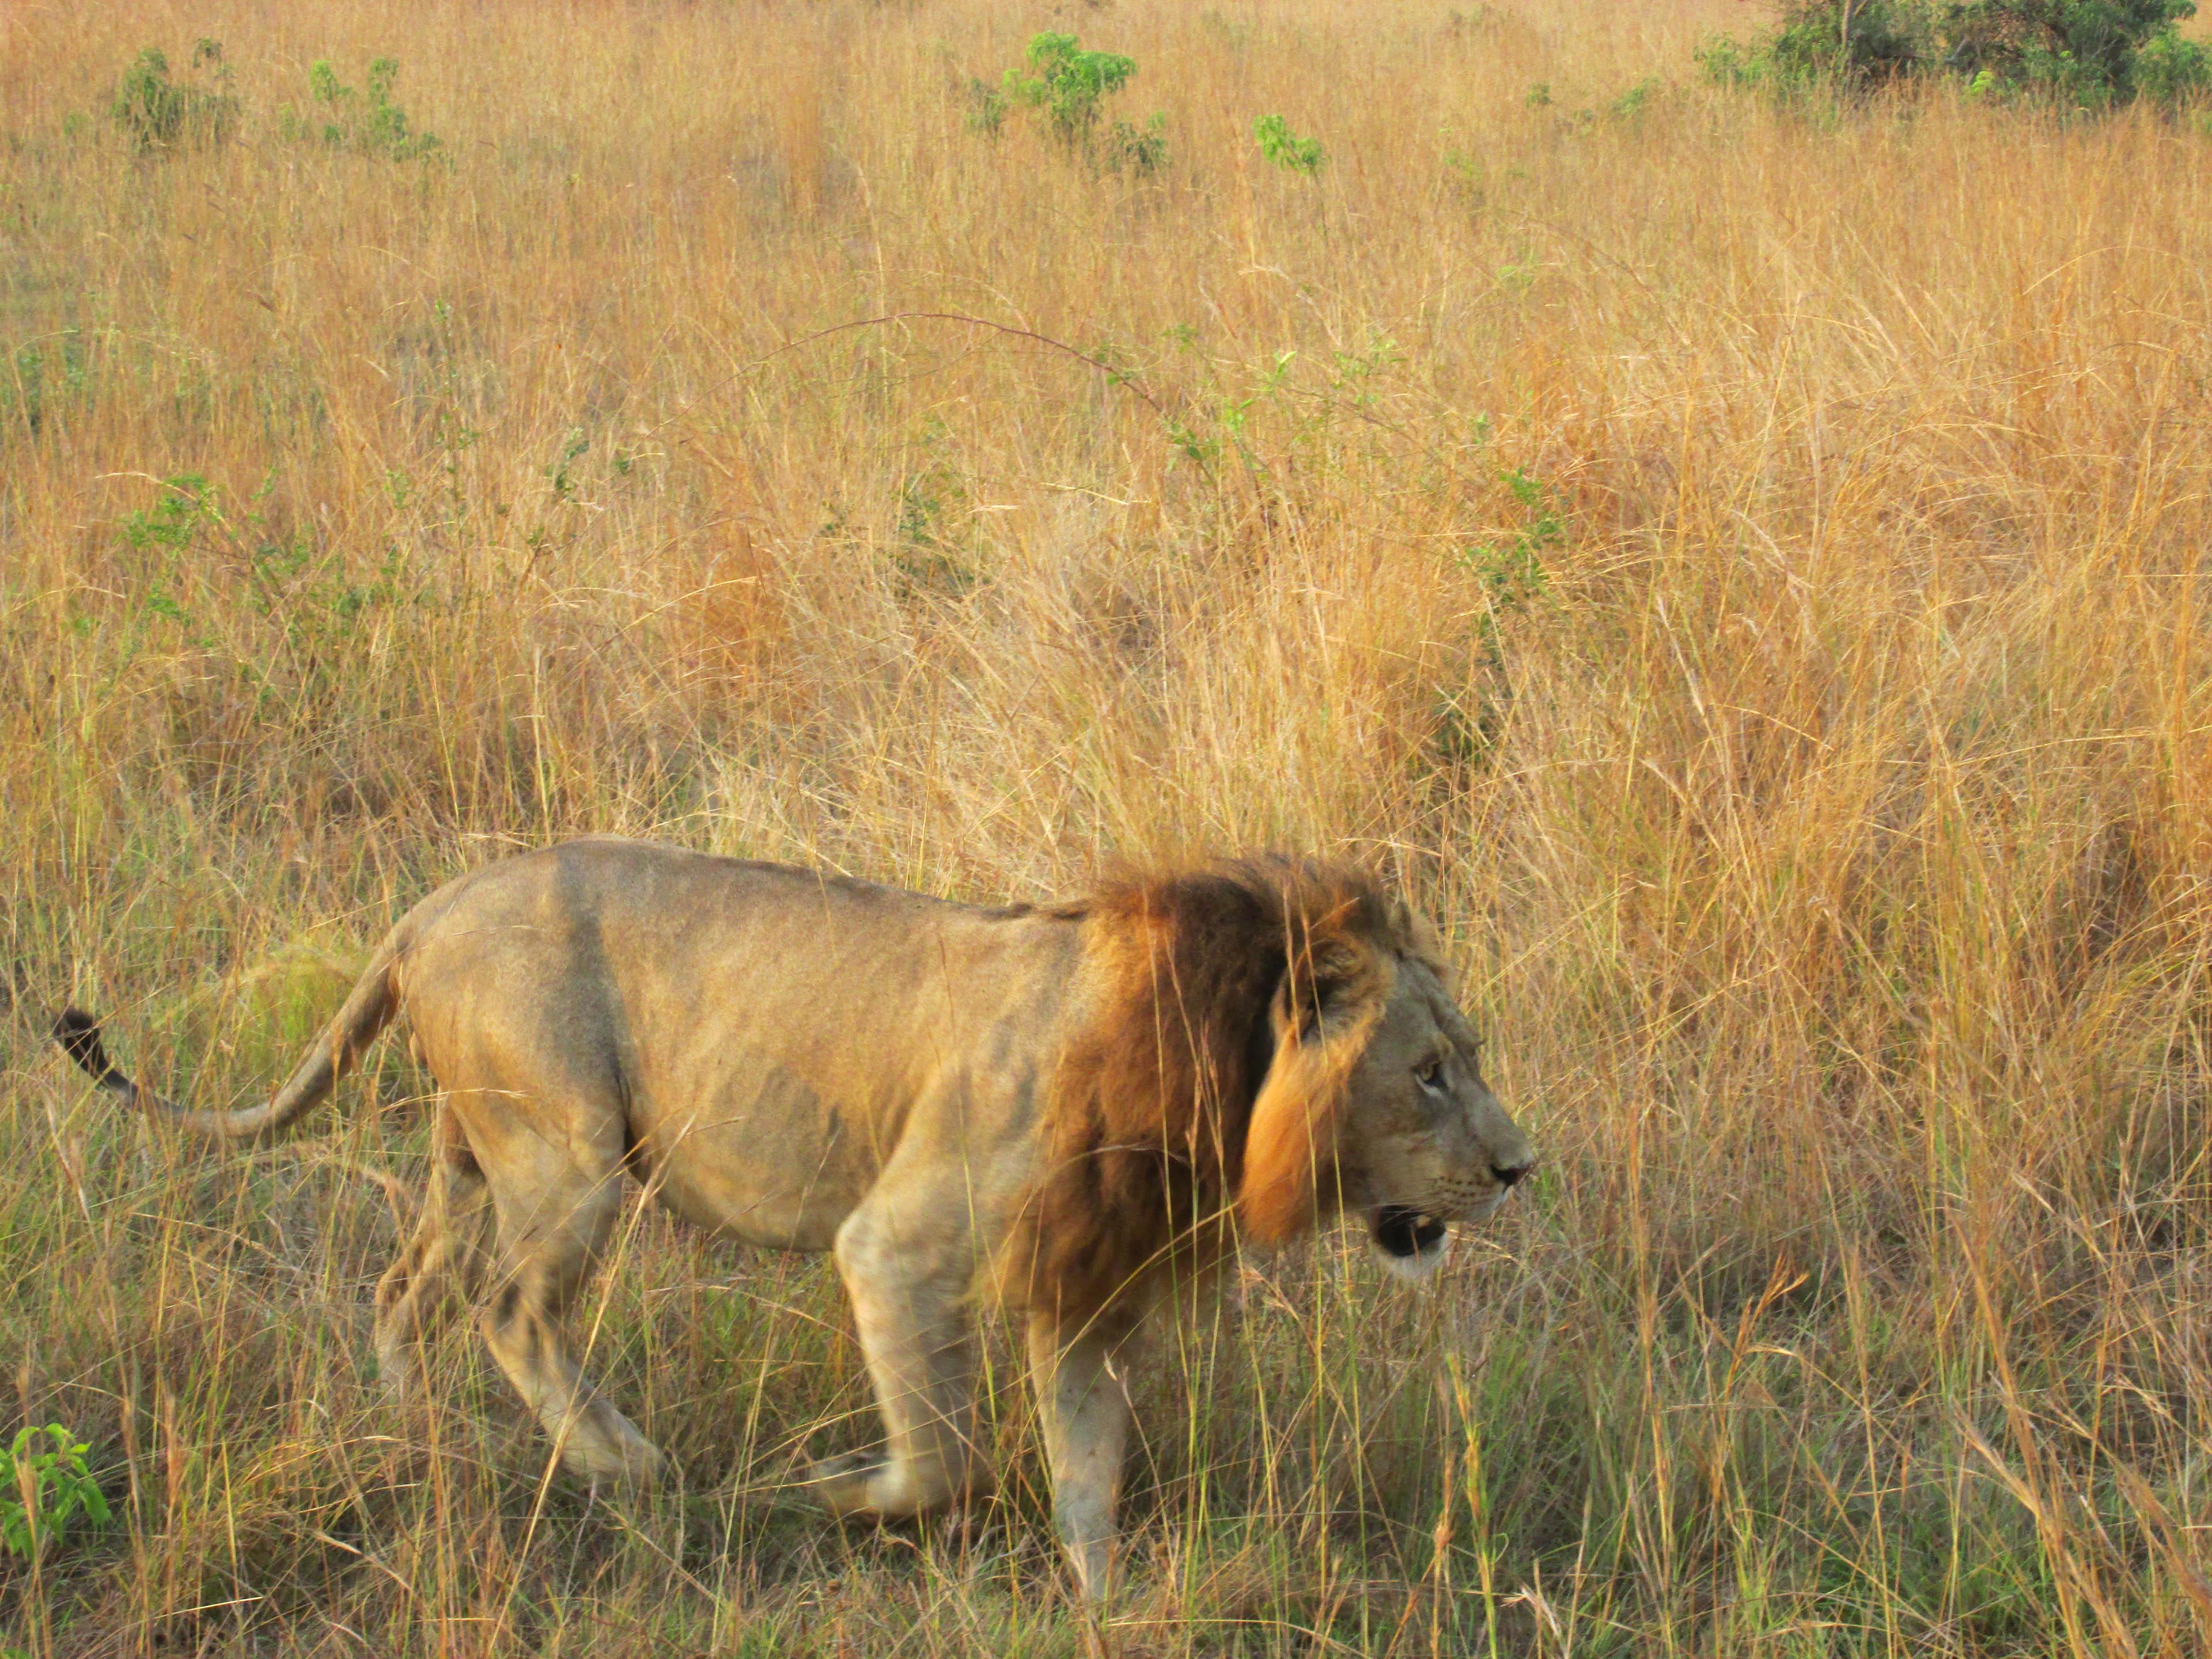 Löwe, der König Afrikas